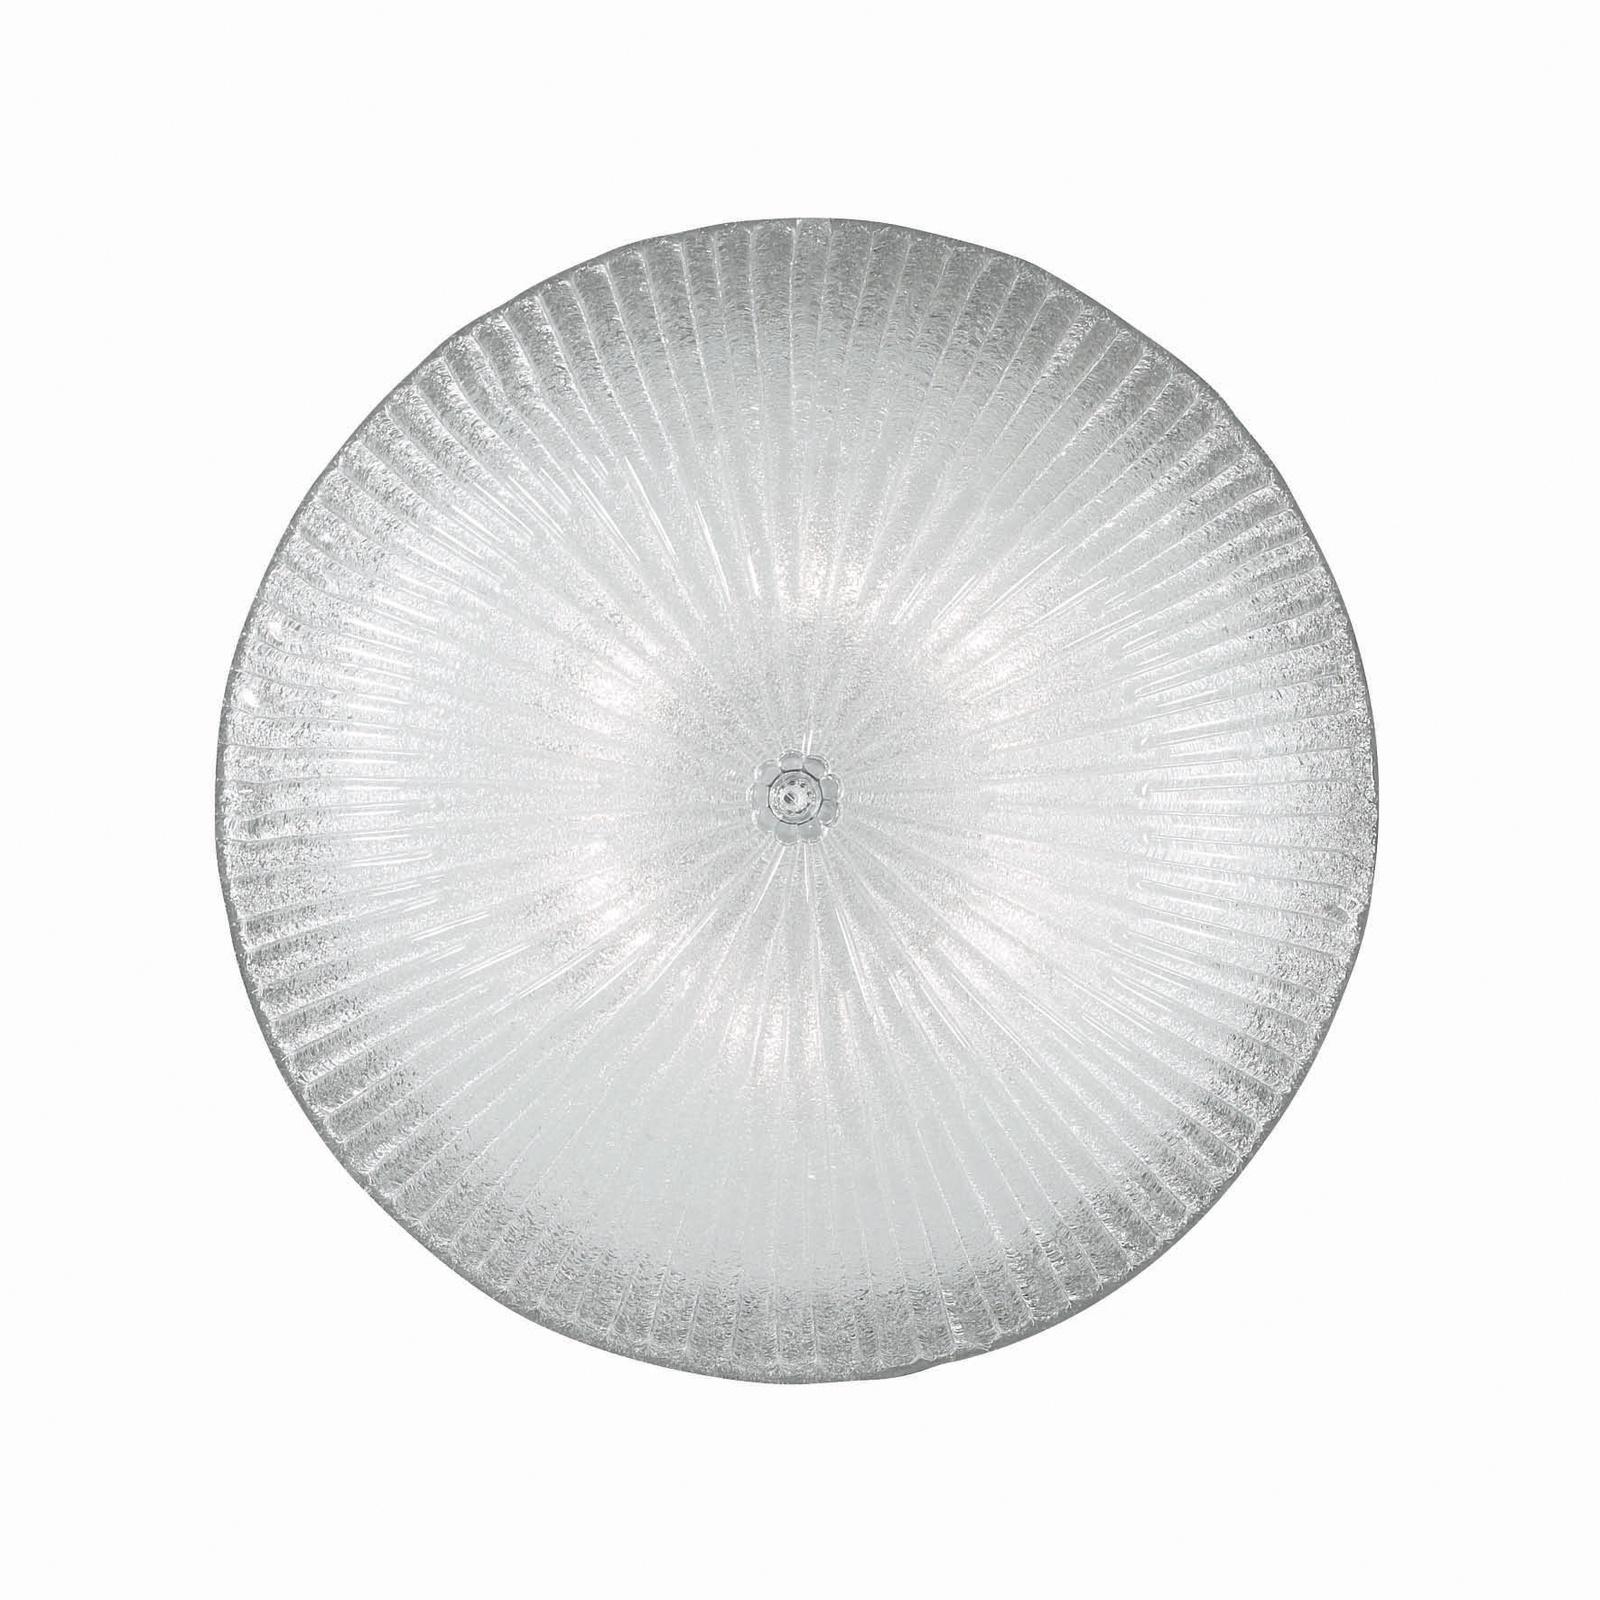 Фото - Потолочный светильник Ideal Lux PL6 TRASPARENTE потолочный светильник ideal lux pl6 g9 max 6 x 40w g9 вт